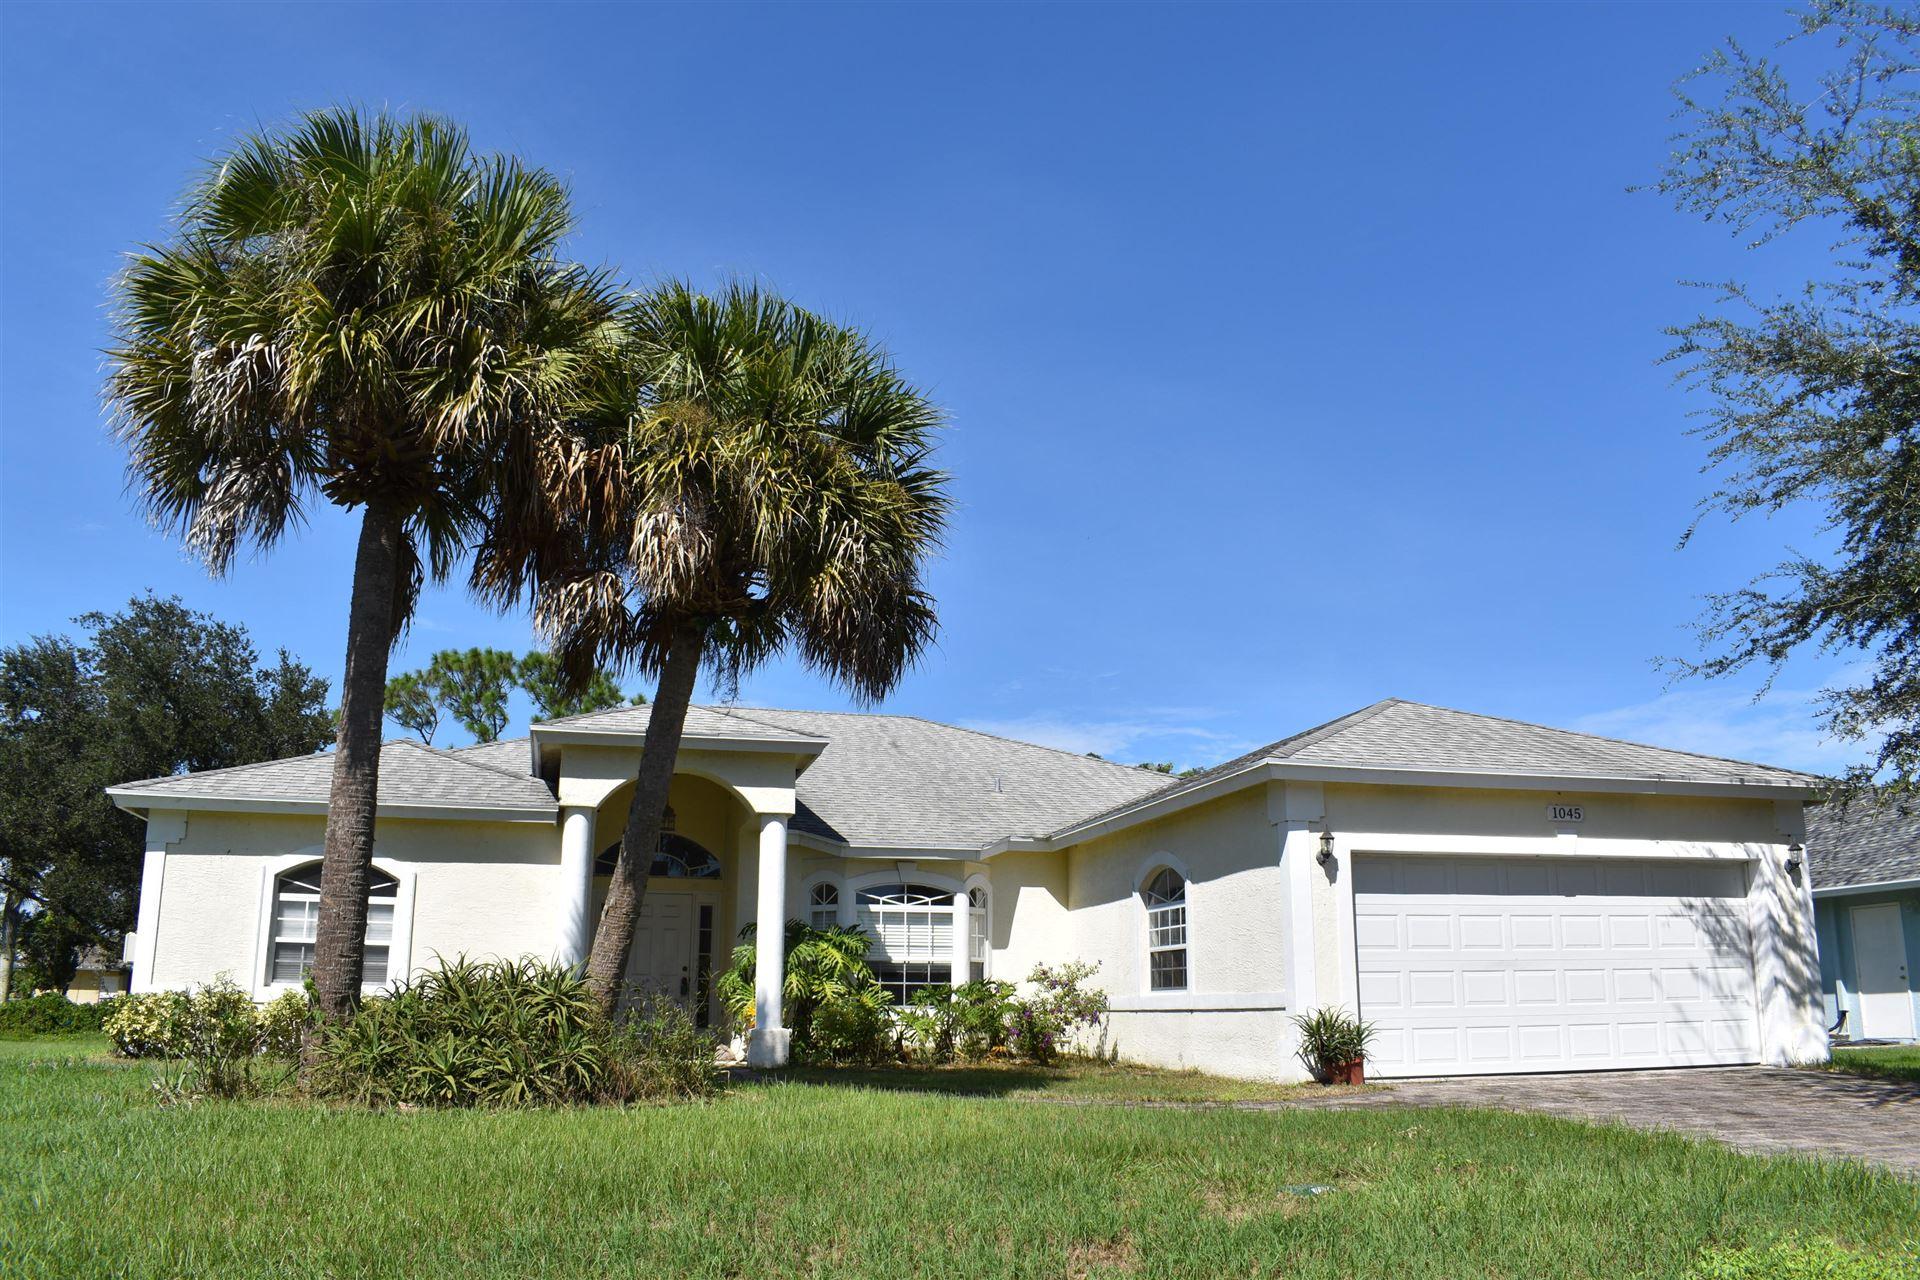 1045 SE Bywood Avenue, Port Saint Lucie, FL 34983 - #: RX-10651673